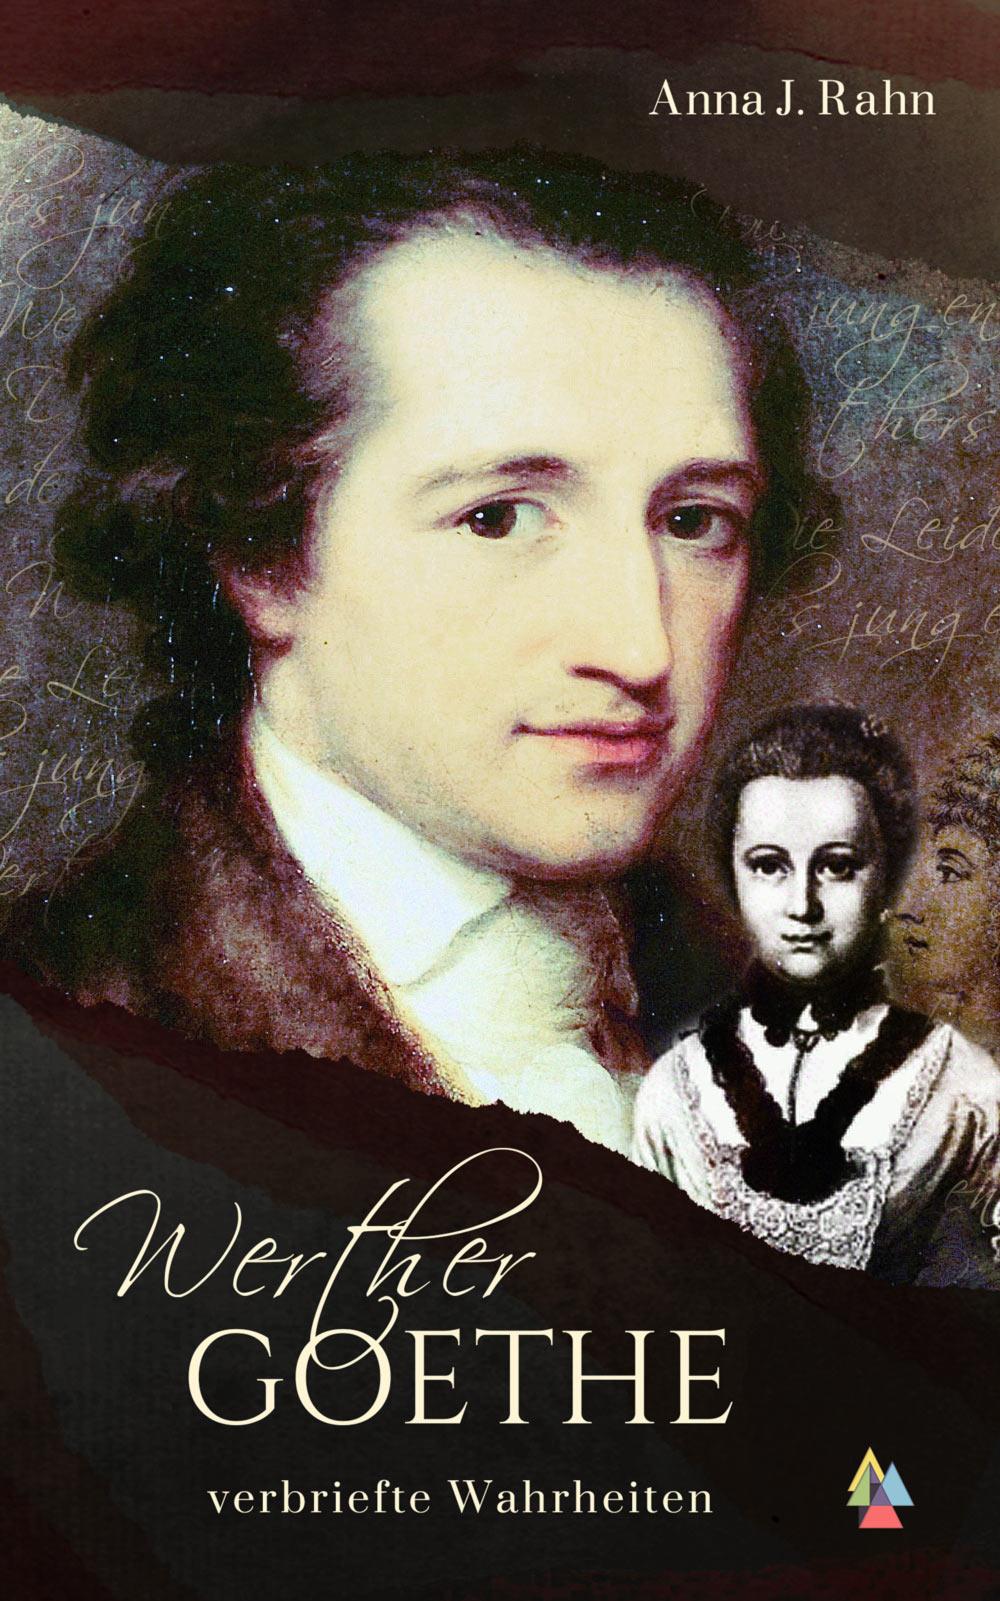 Werther Goethe - verbriefte Wahrheiten von Anna J. Rahn Jalara Verlag ISBN: 978-3-945482-33-9 / 9783945482339